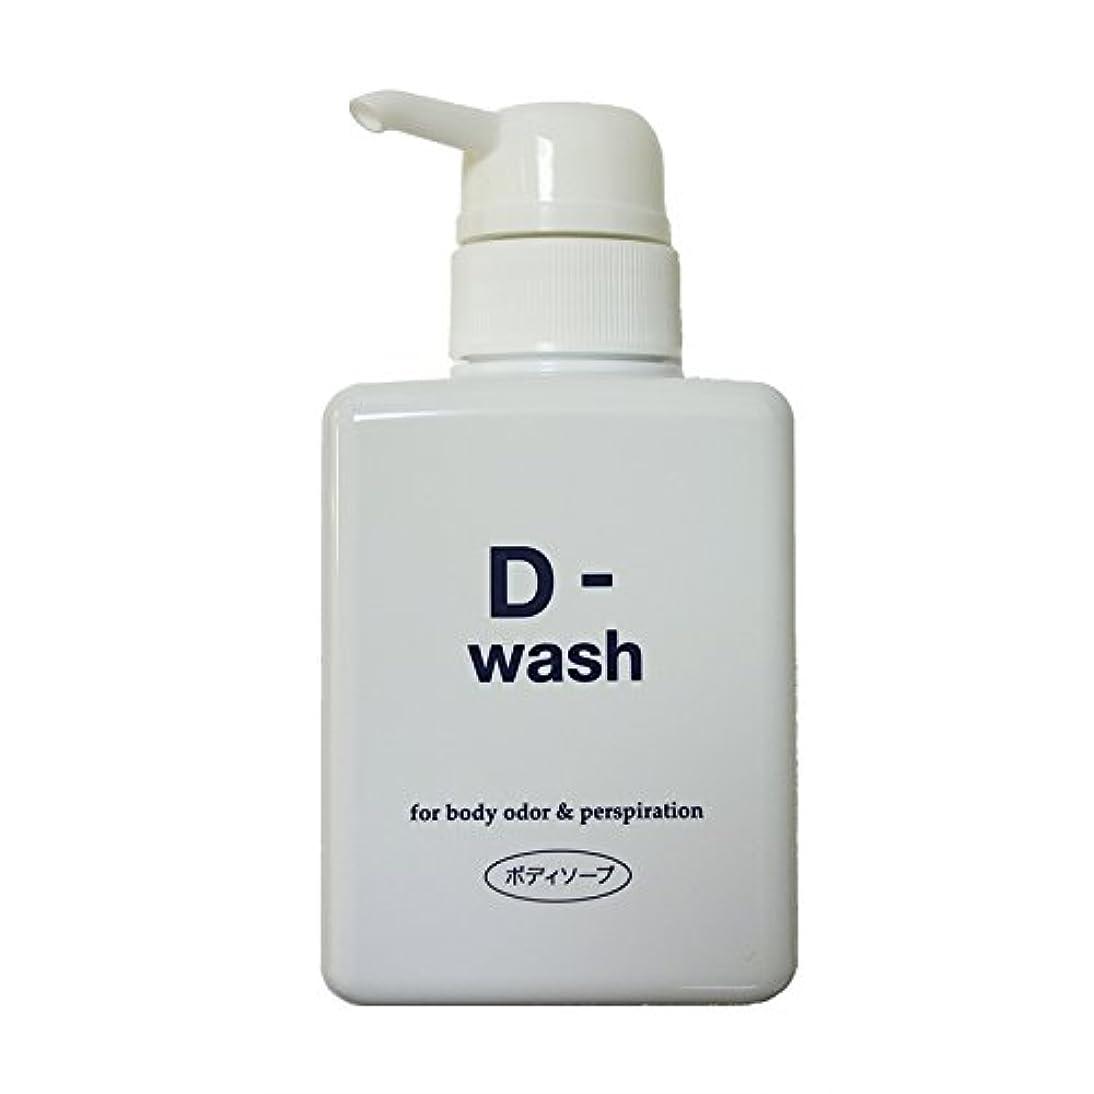 プレビスサイトお嬢土器ディーウォッシュ(D-wash)